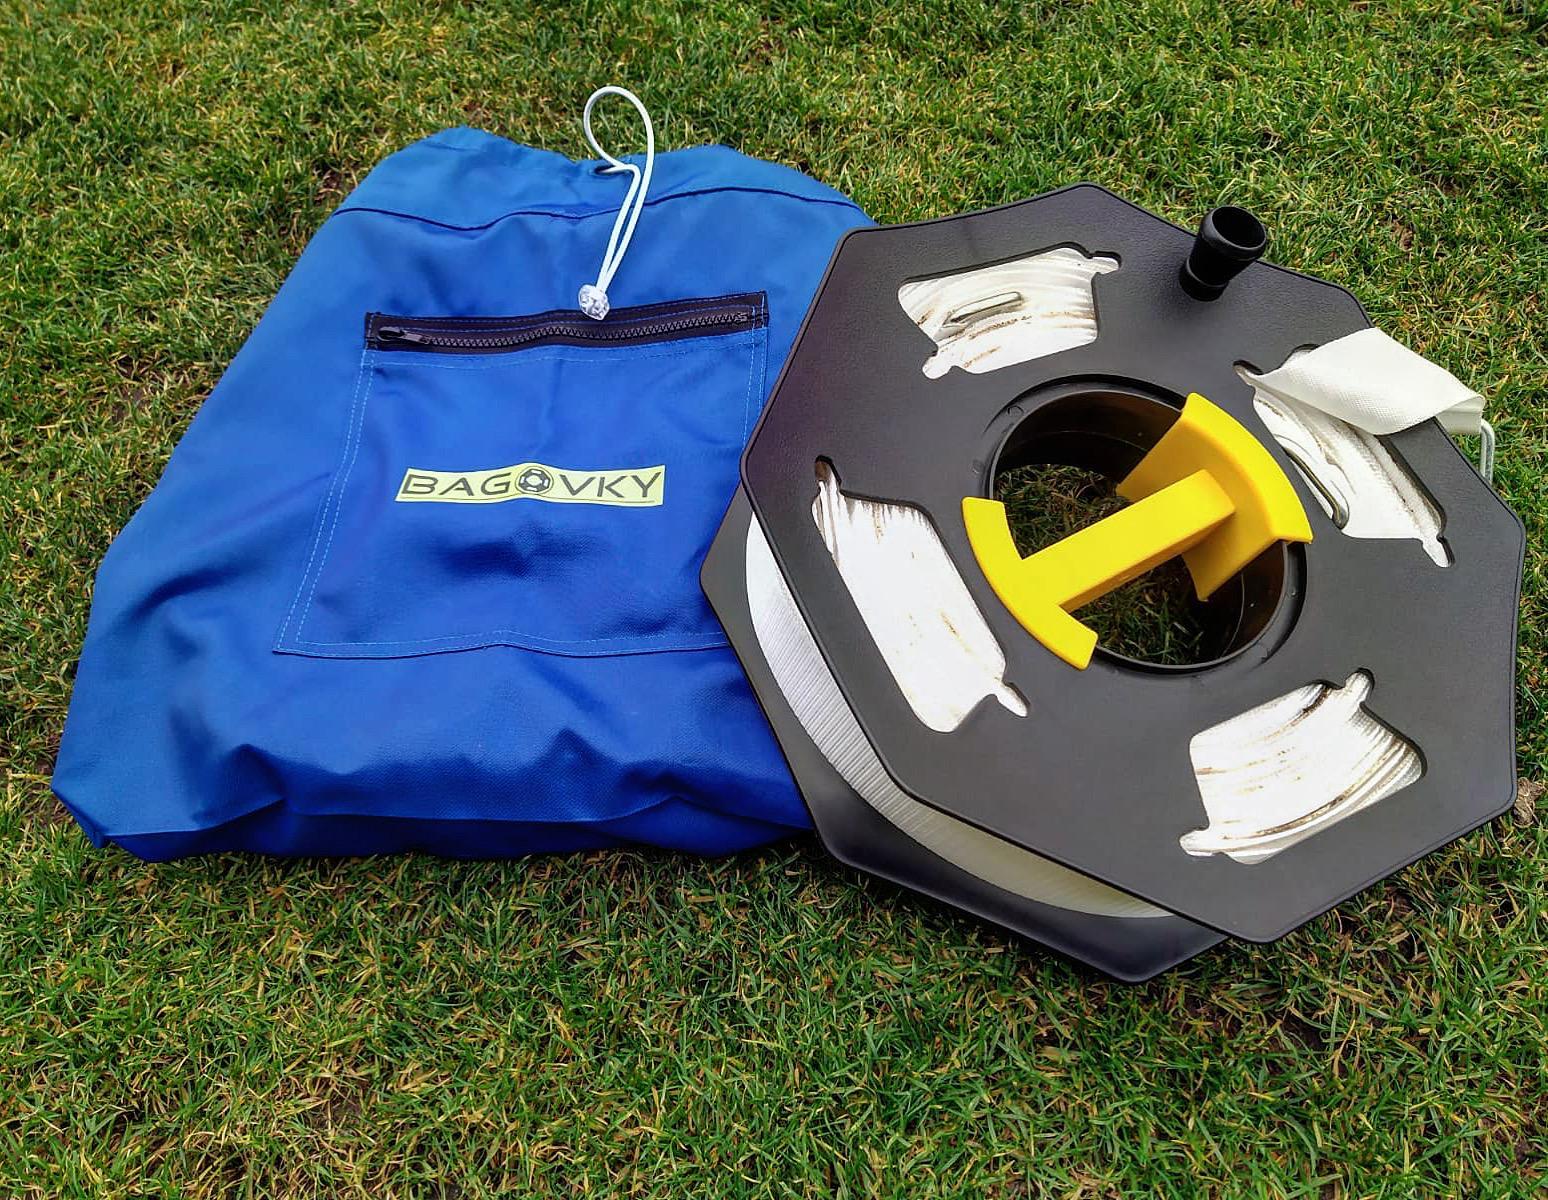 Bagovky pomáhají profisportovcům, ale i hrám na skautských táborech nebo na chalupě. I na zahradě se dá trénovat jako pod Guardiolou